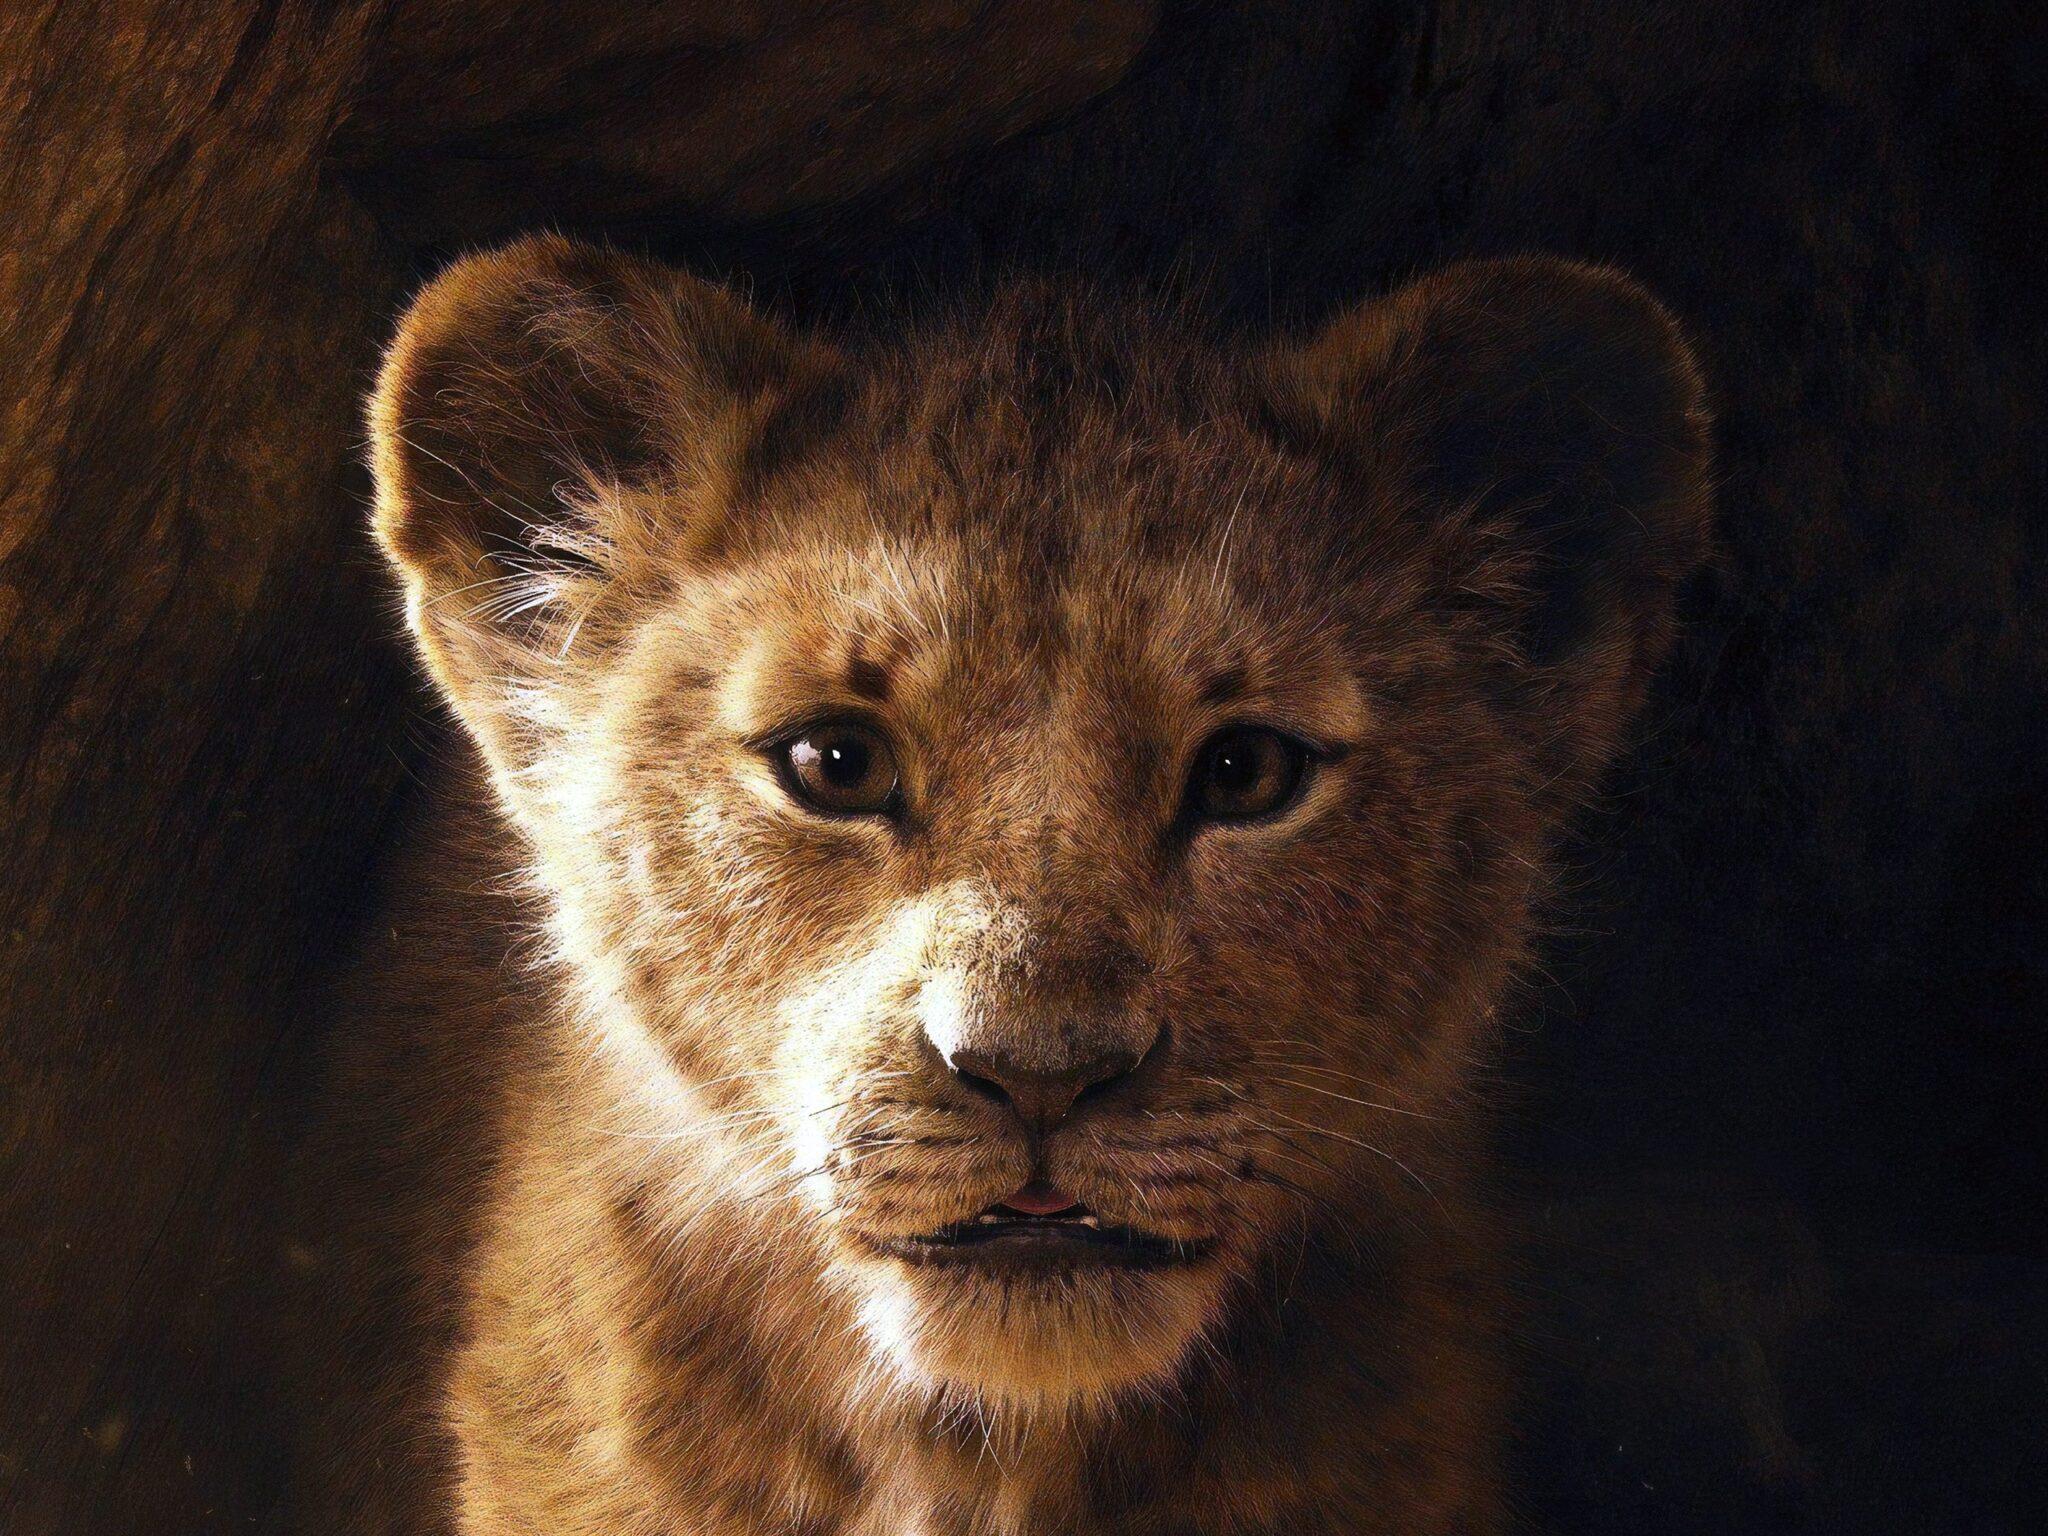 Король лев 2019: когда премьера фильма. Новый трейлер с саундтреком Бейонсе